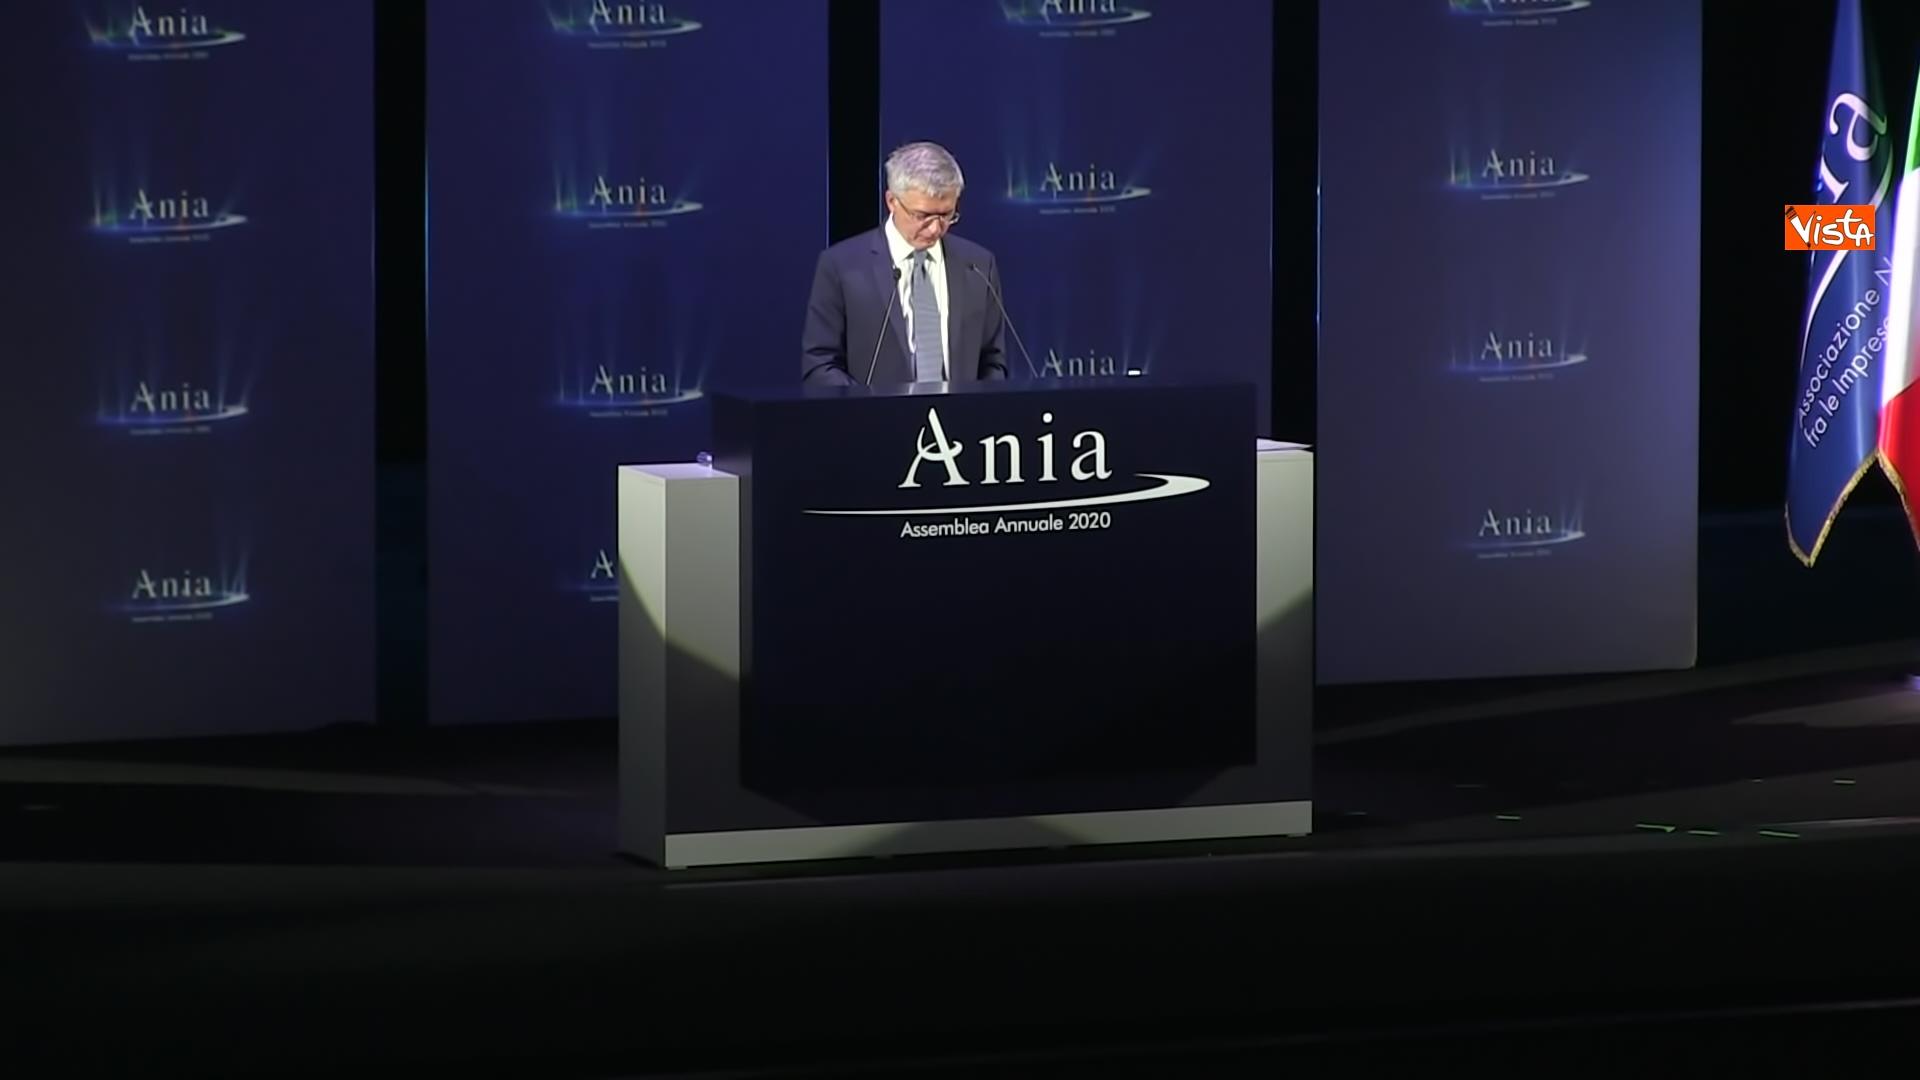 19-10-20 Ania l assemblea annuale 2020 con Conte e Patuanelli in video collegamento immagini_08